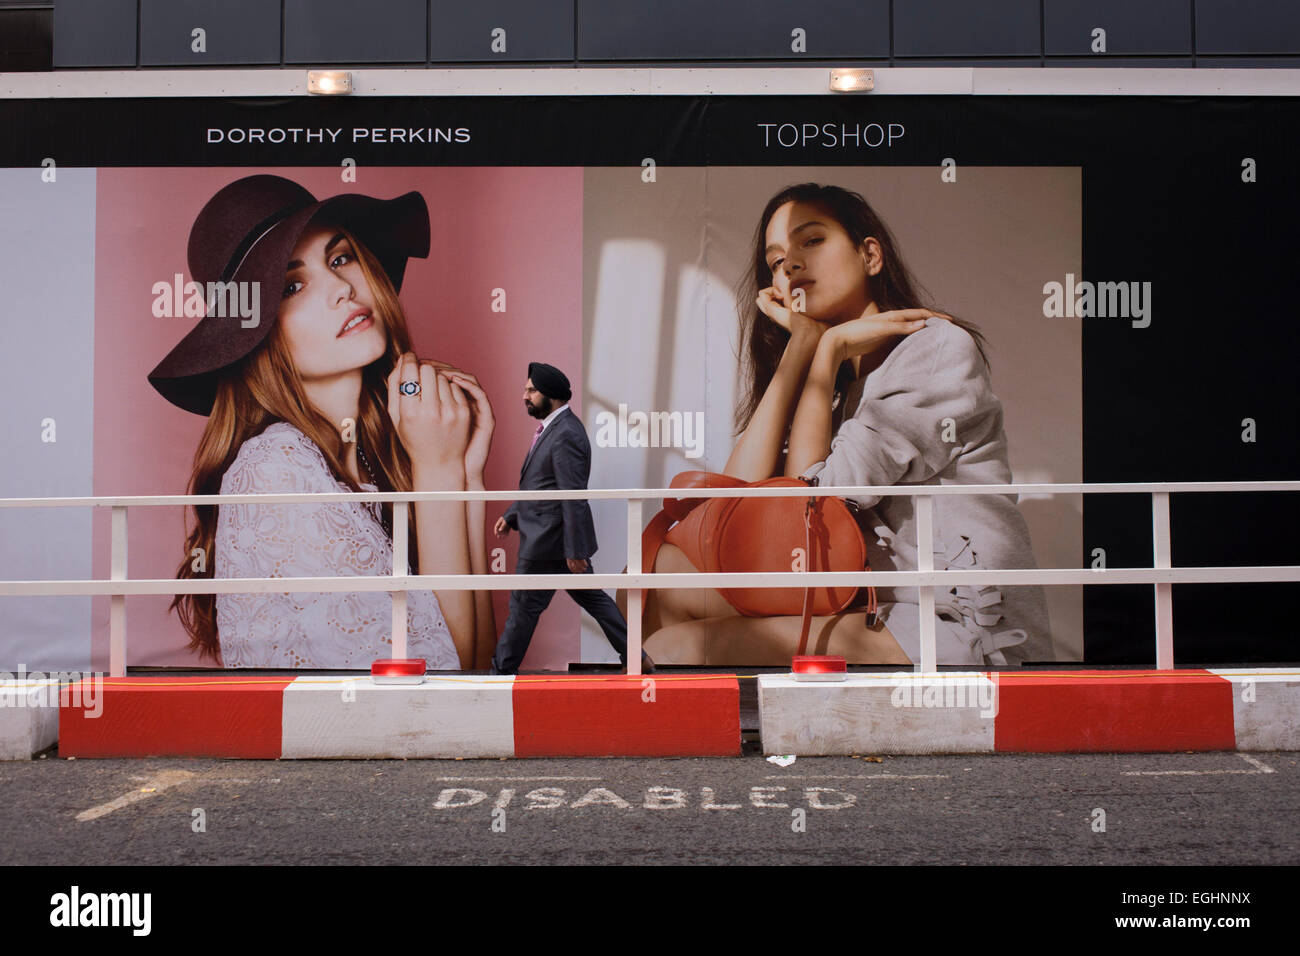 Sikh Mann geht vorbei an großen Bildern der westlichen Mode Model Mädchen. Stockbild